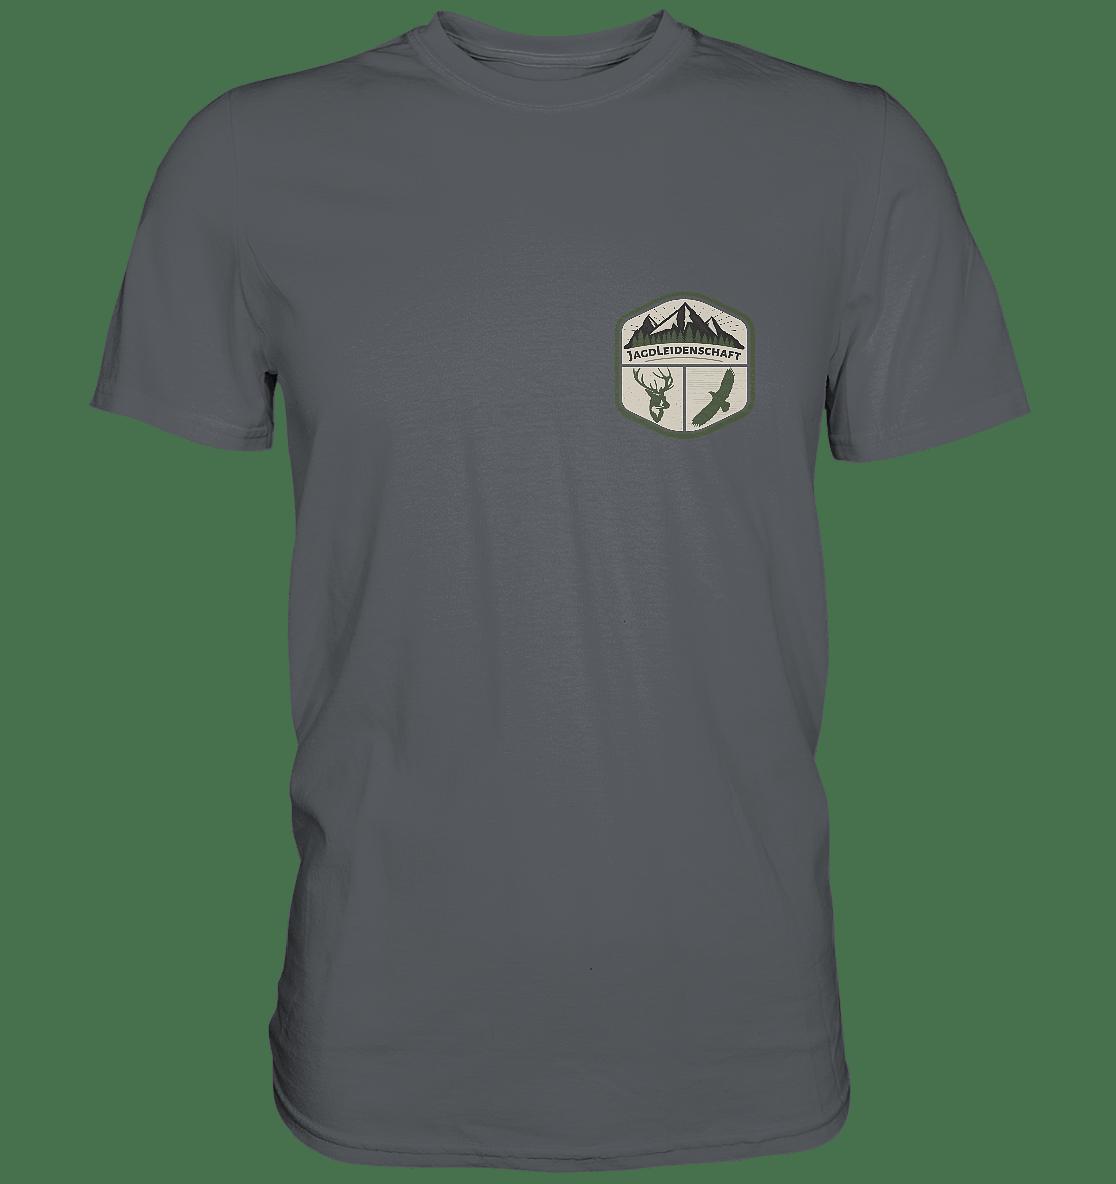 T-Shirt Jagdleidenschaft Jäger - Premium Shirt